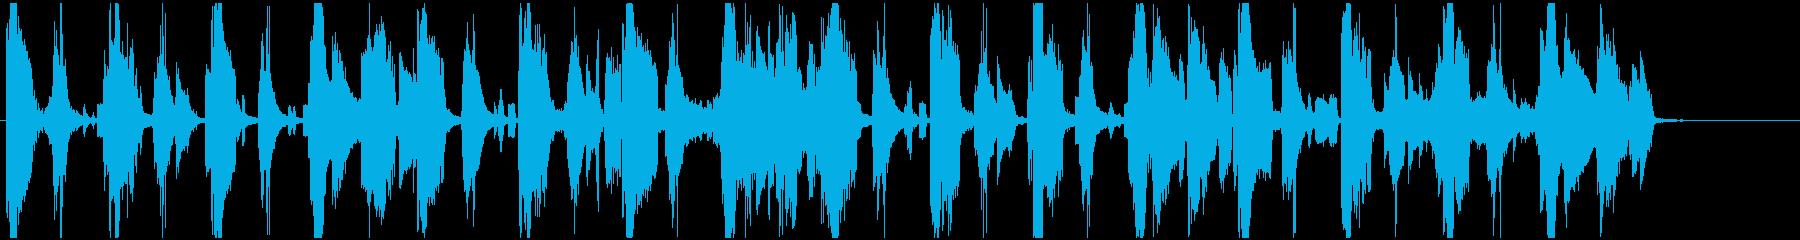 モータウン調ハッピーなR&Bジングルの再生済みの波形